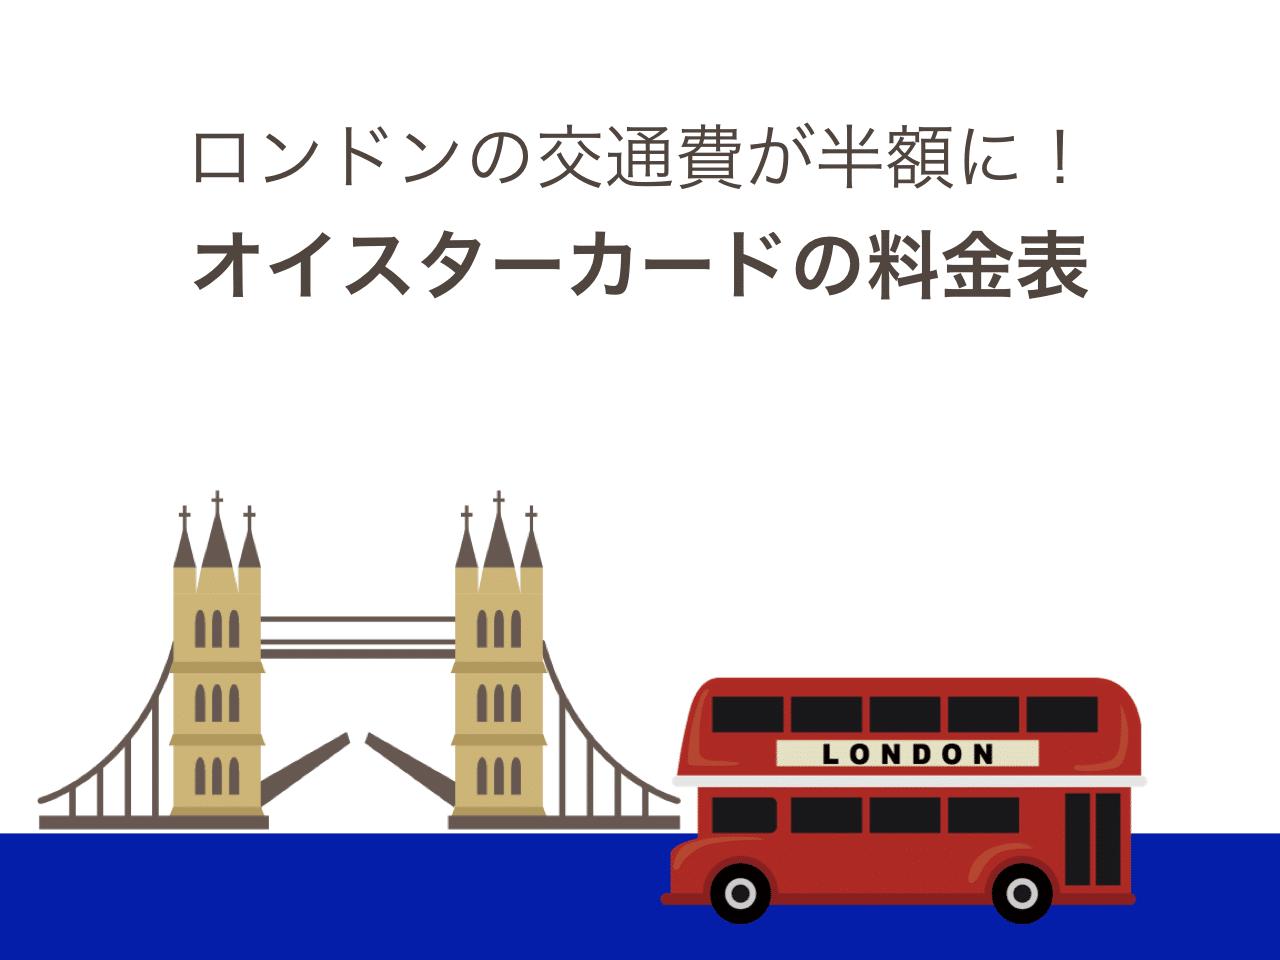 【2020】ロンドンの交通費が半額になるオイスターカード料金表